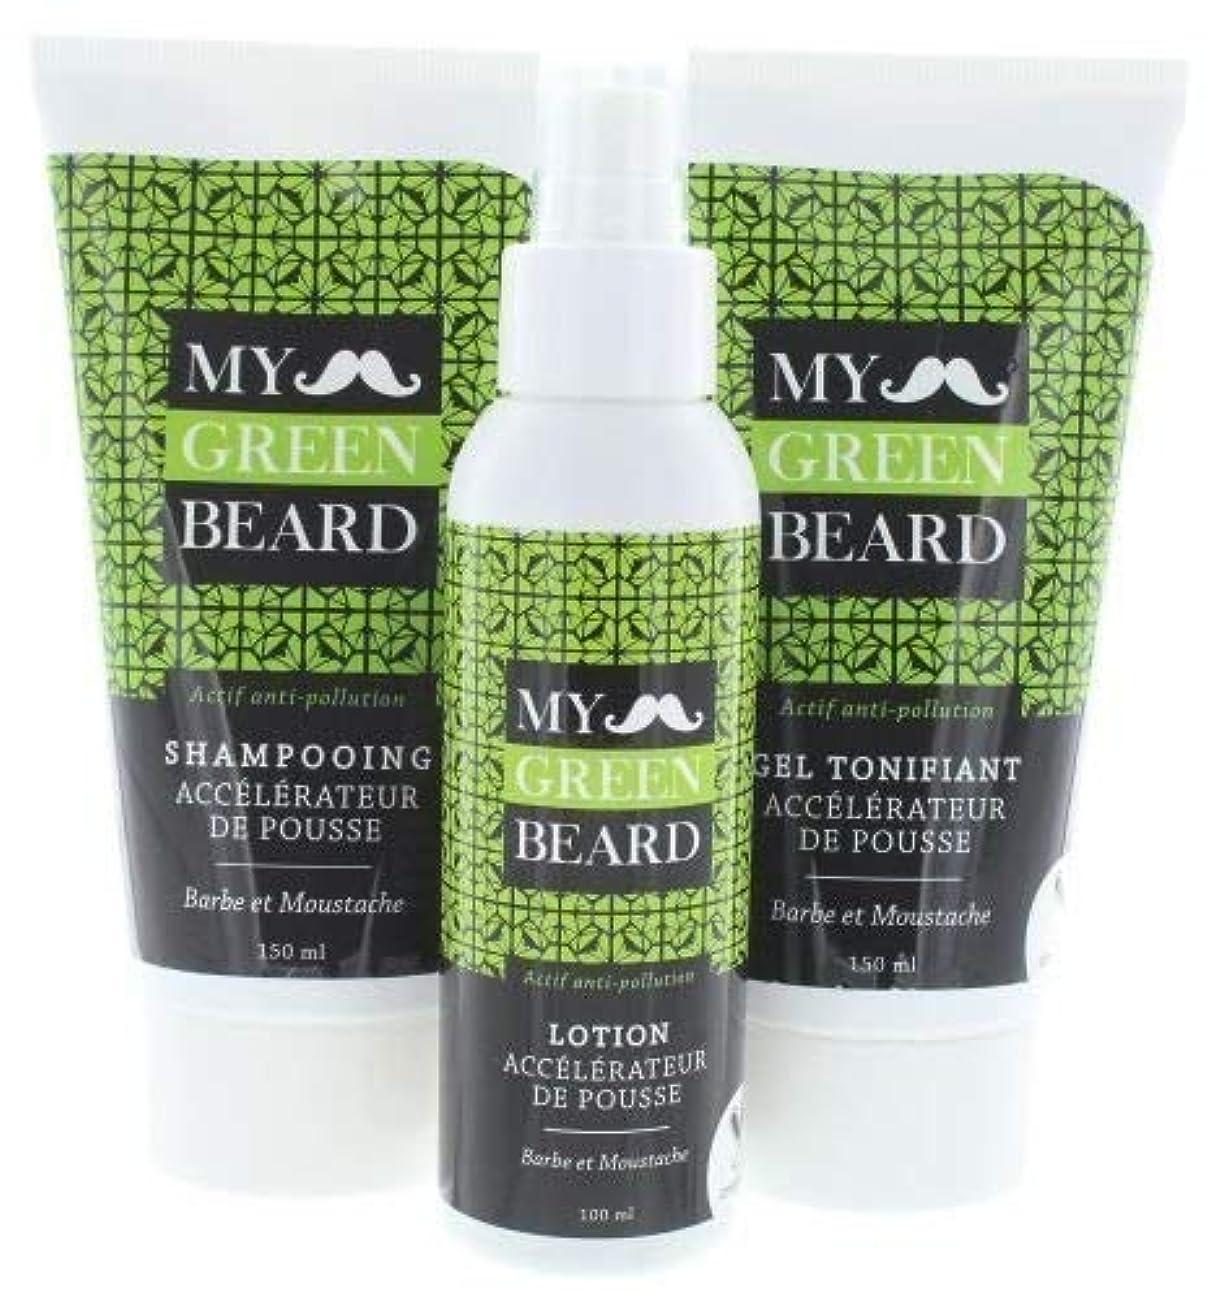 崇拝する本能大声でひげ成長促進剤ローション+シャンプー+ゲル - schnelleres bartwachstumのための私の緑のひげ